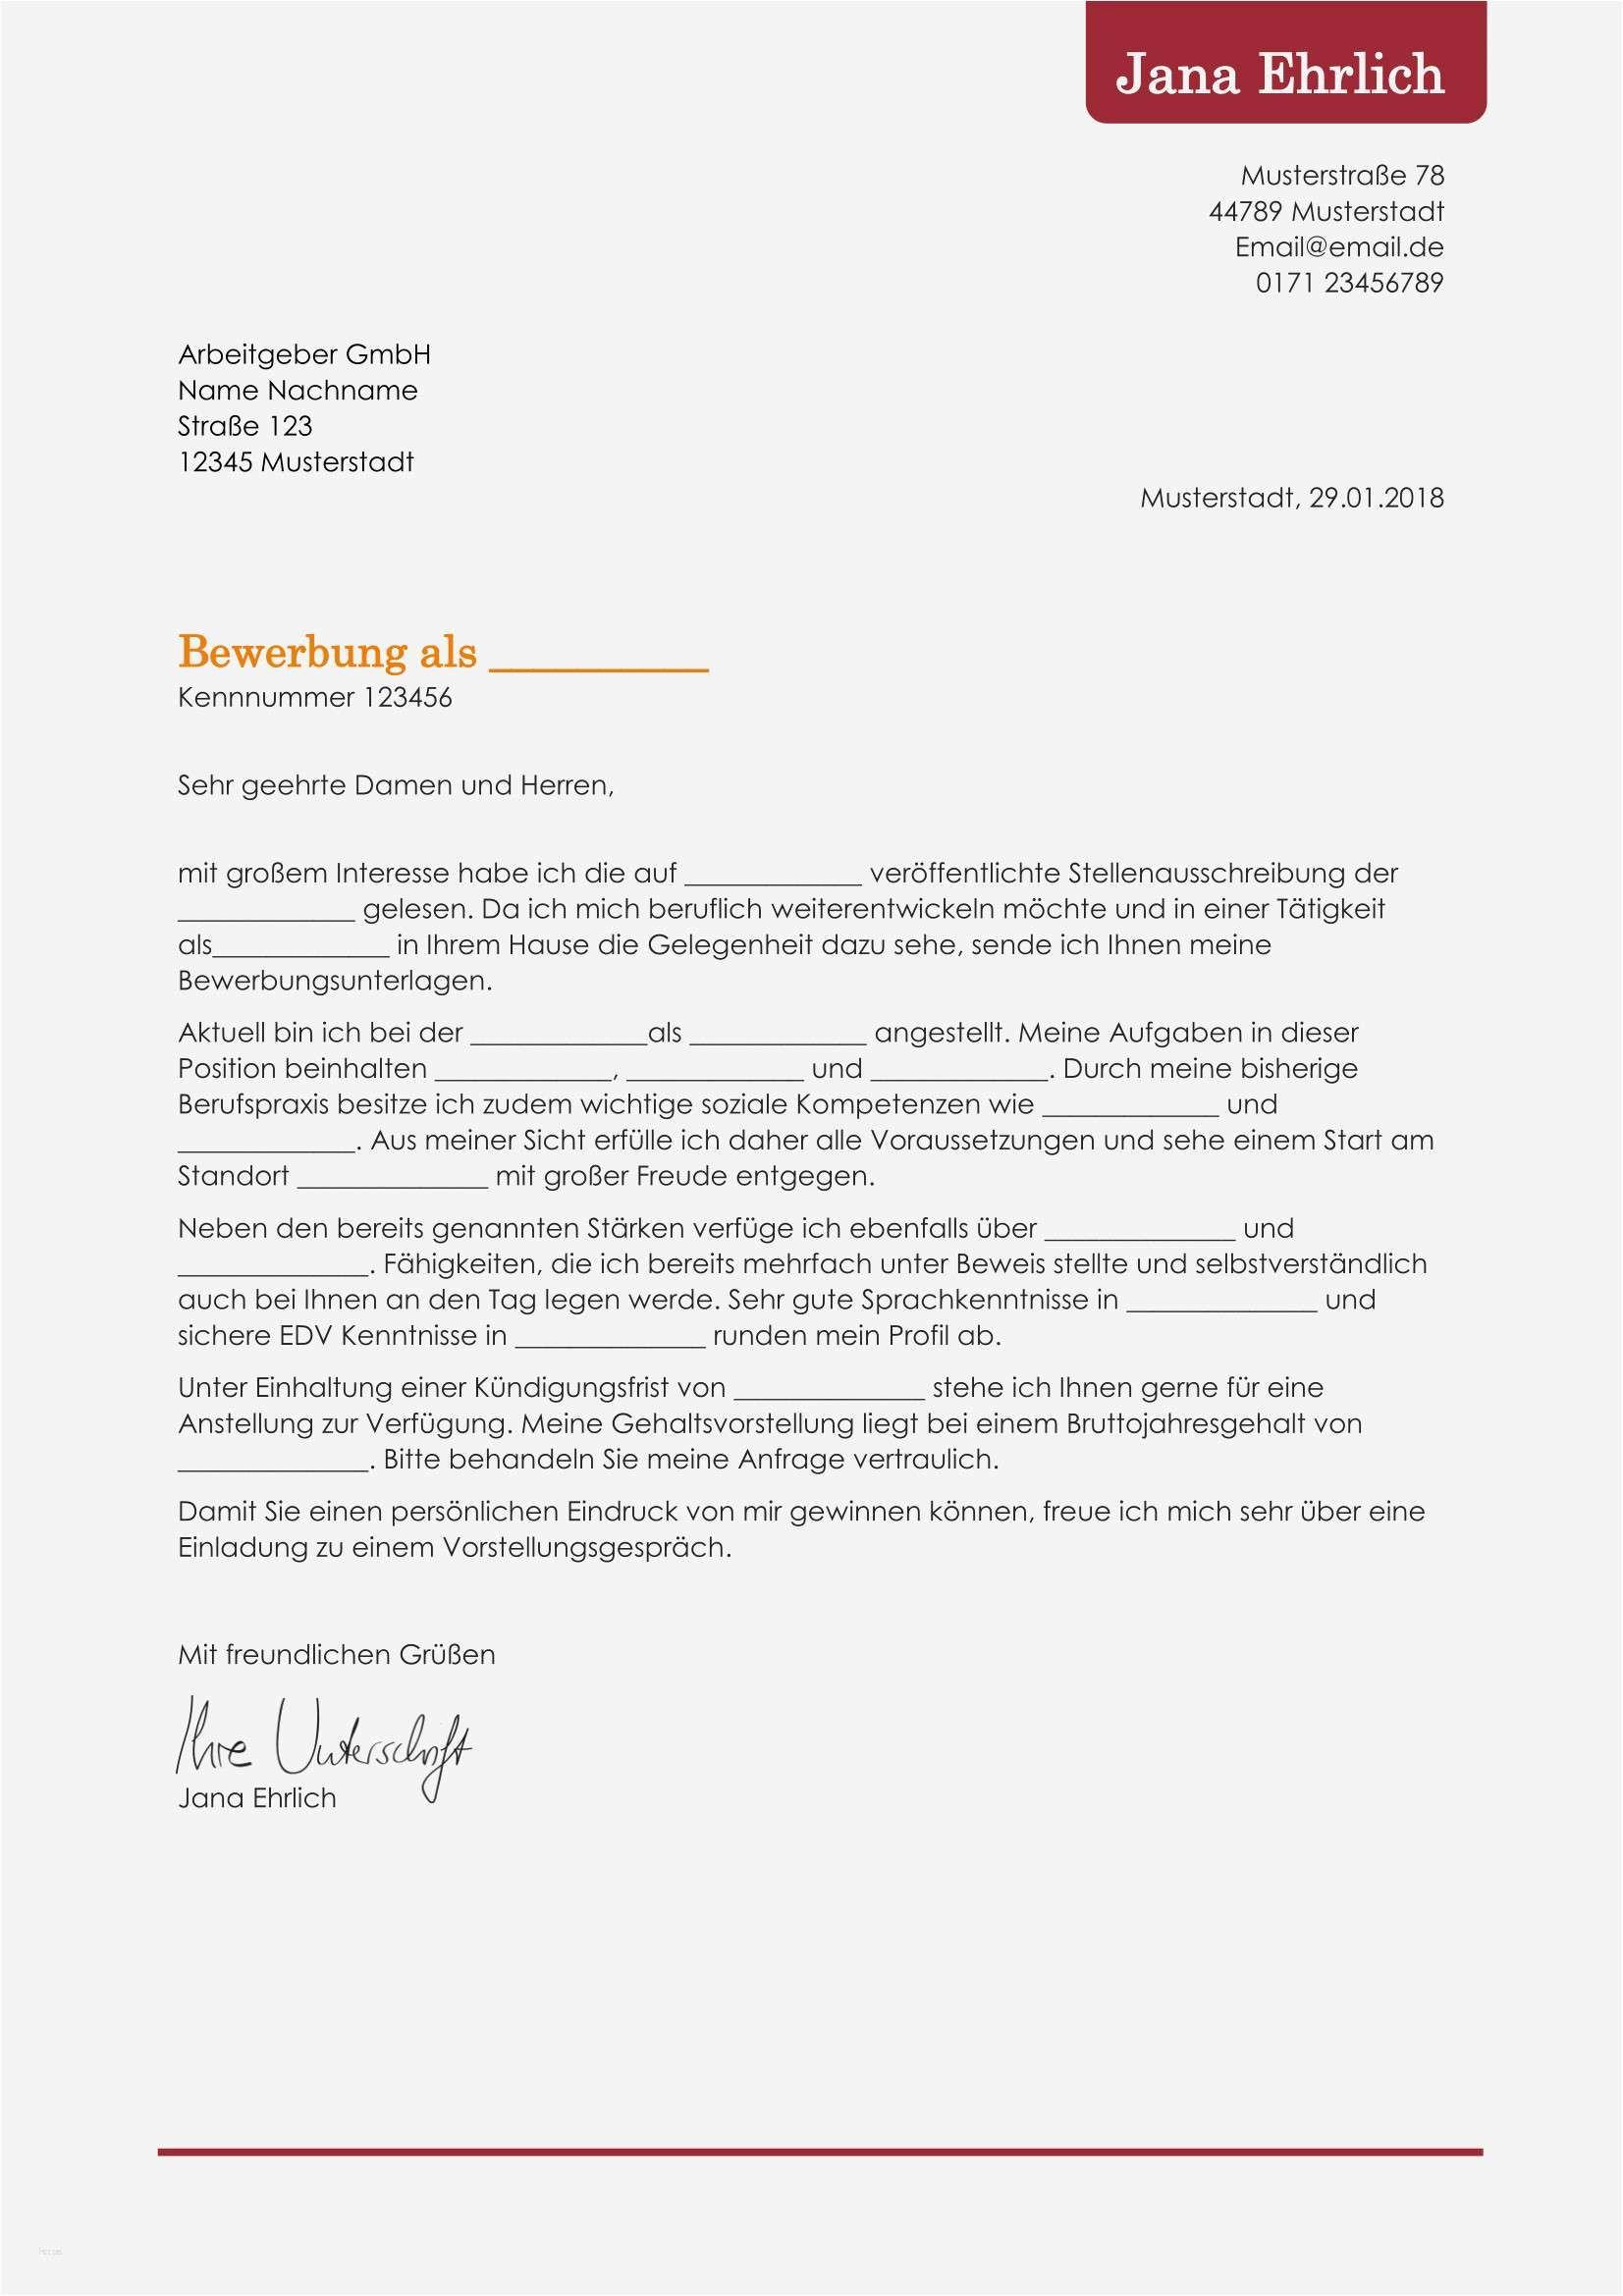 Fabelhaft Eq Bewerbung Vorlage Bewerbung Schreiben Bewerbungsschreiben Briefvorlagen